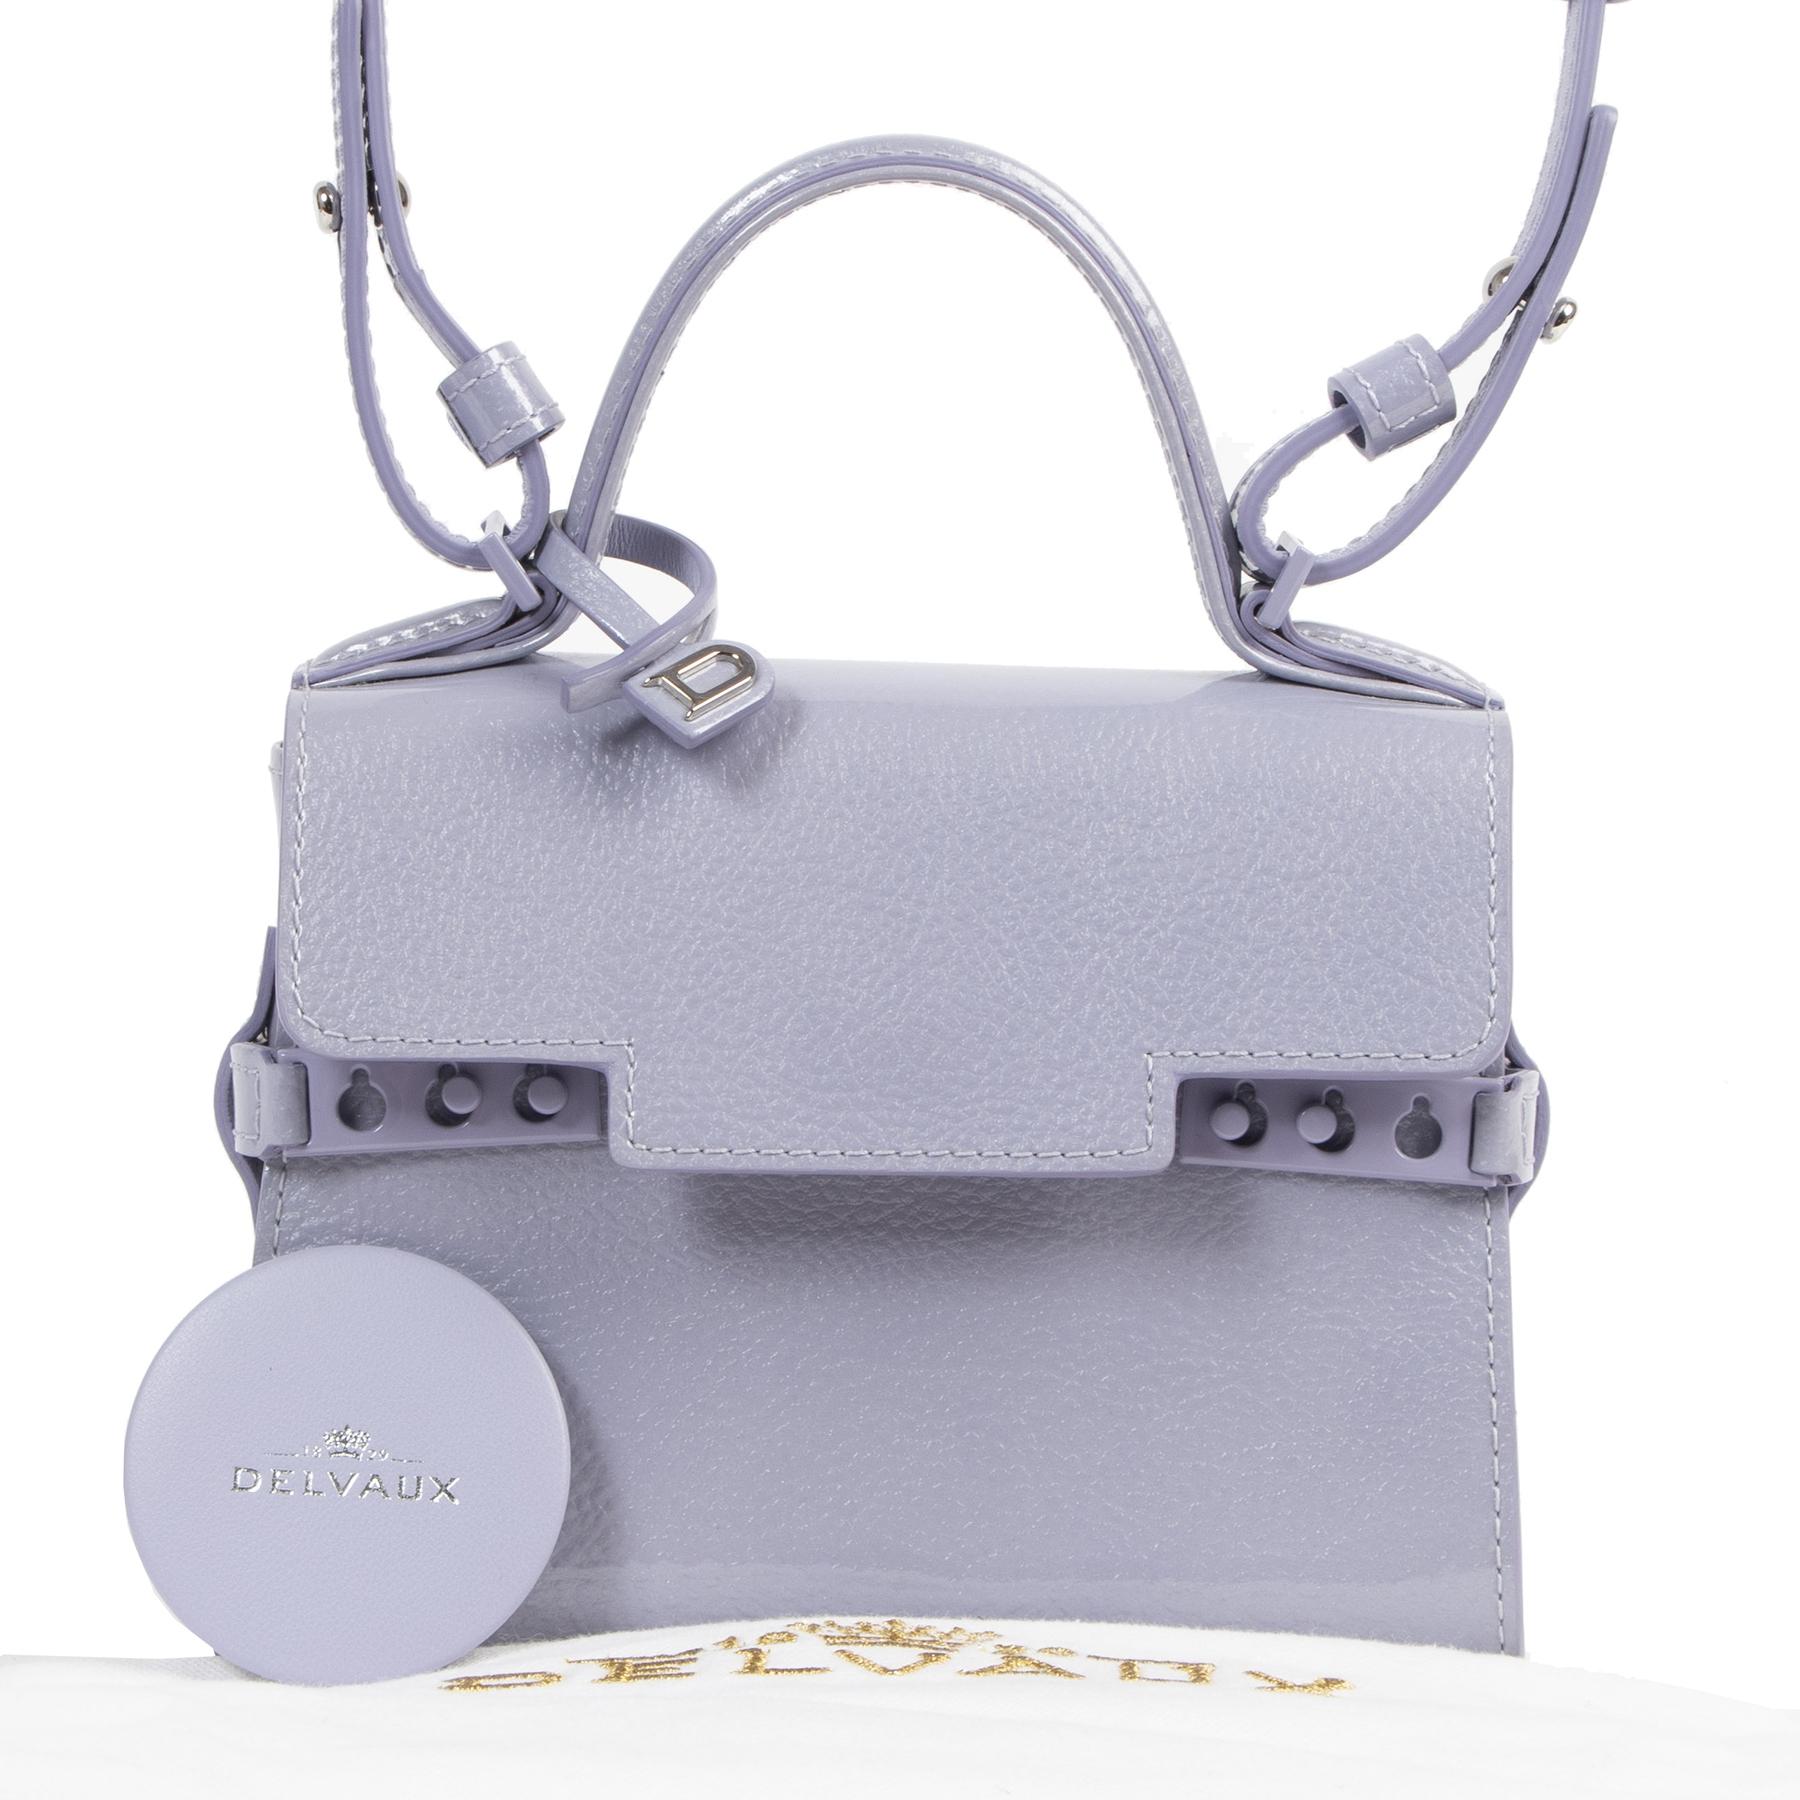 shop safe online acheter en ligne seconde main Delvaux Tempête Lilac Micro Crossbody Bag